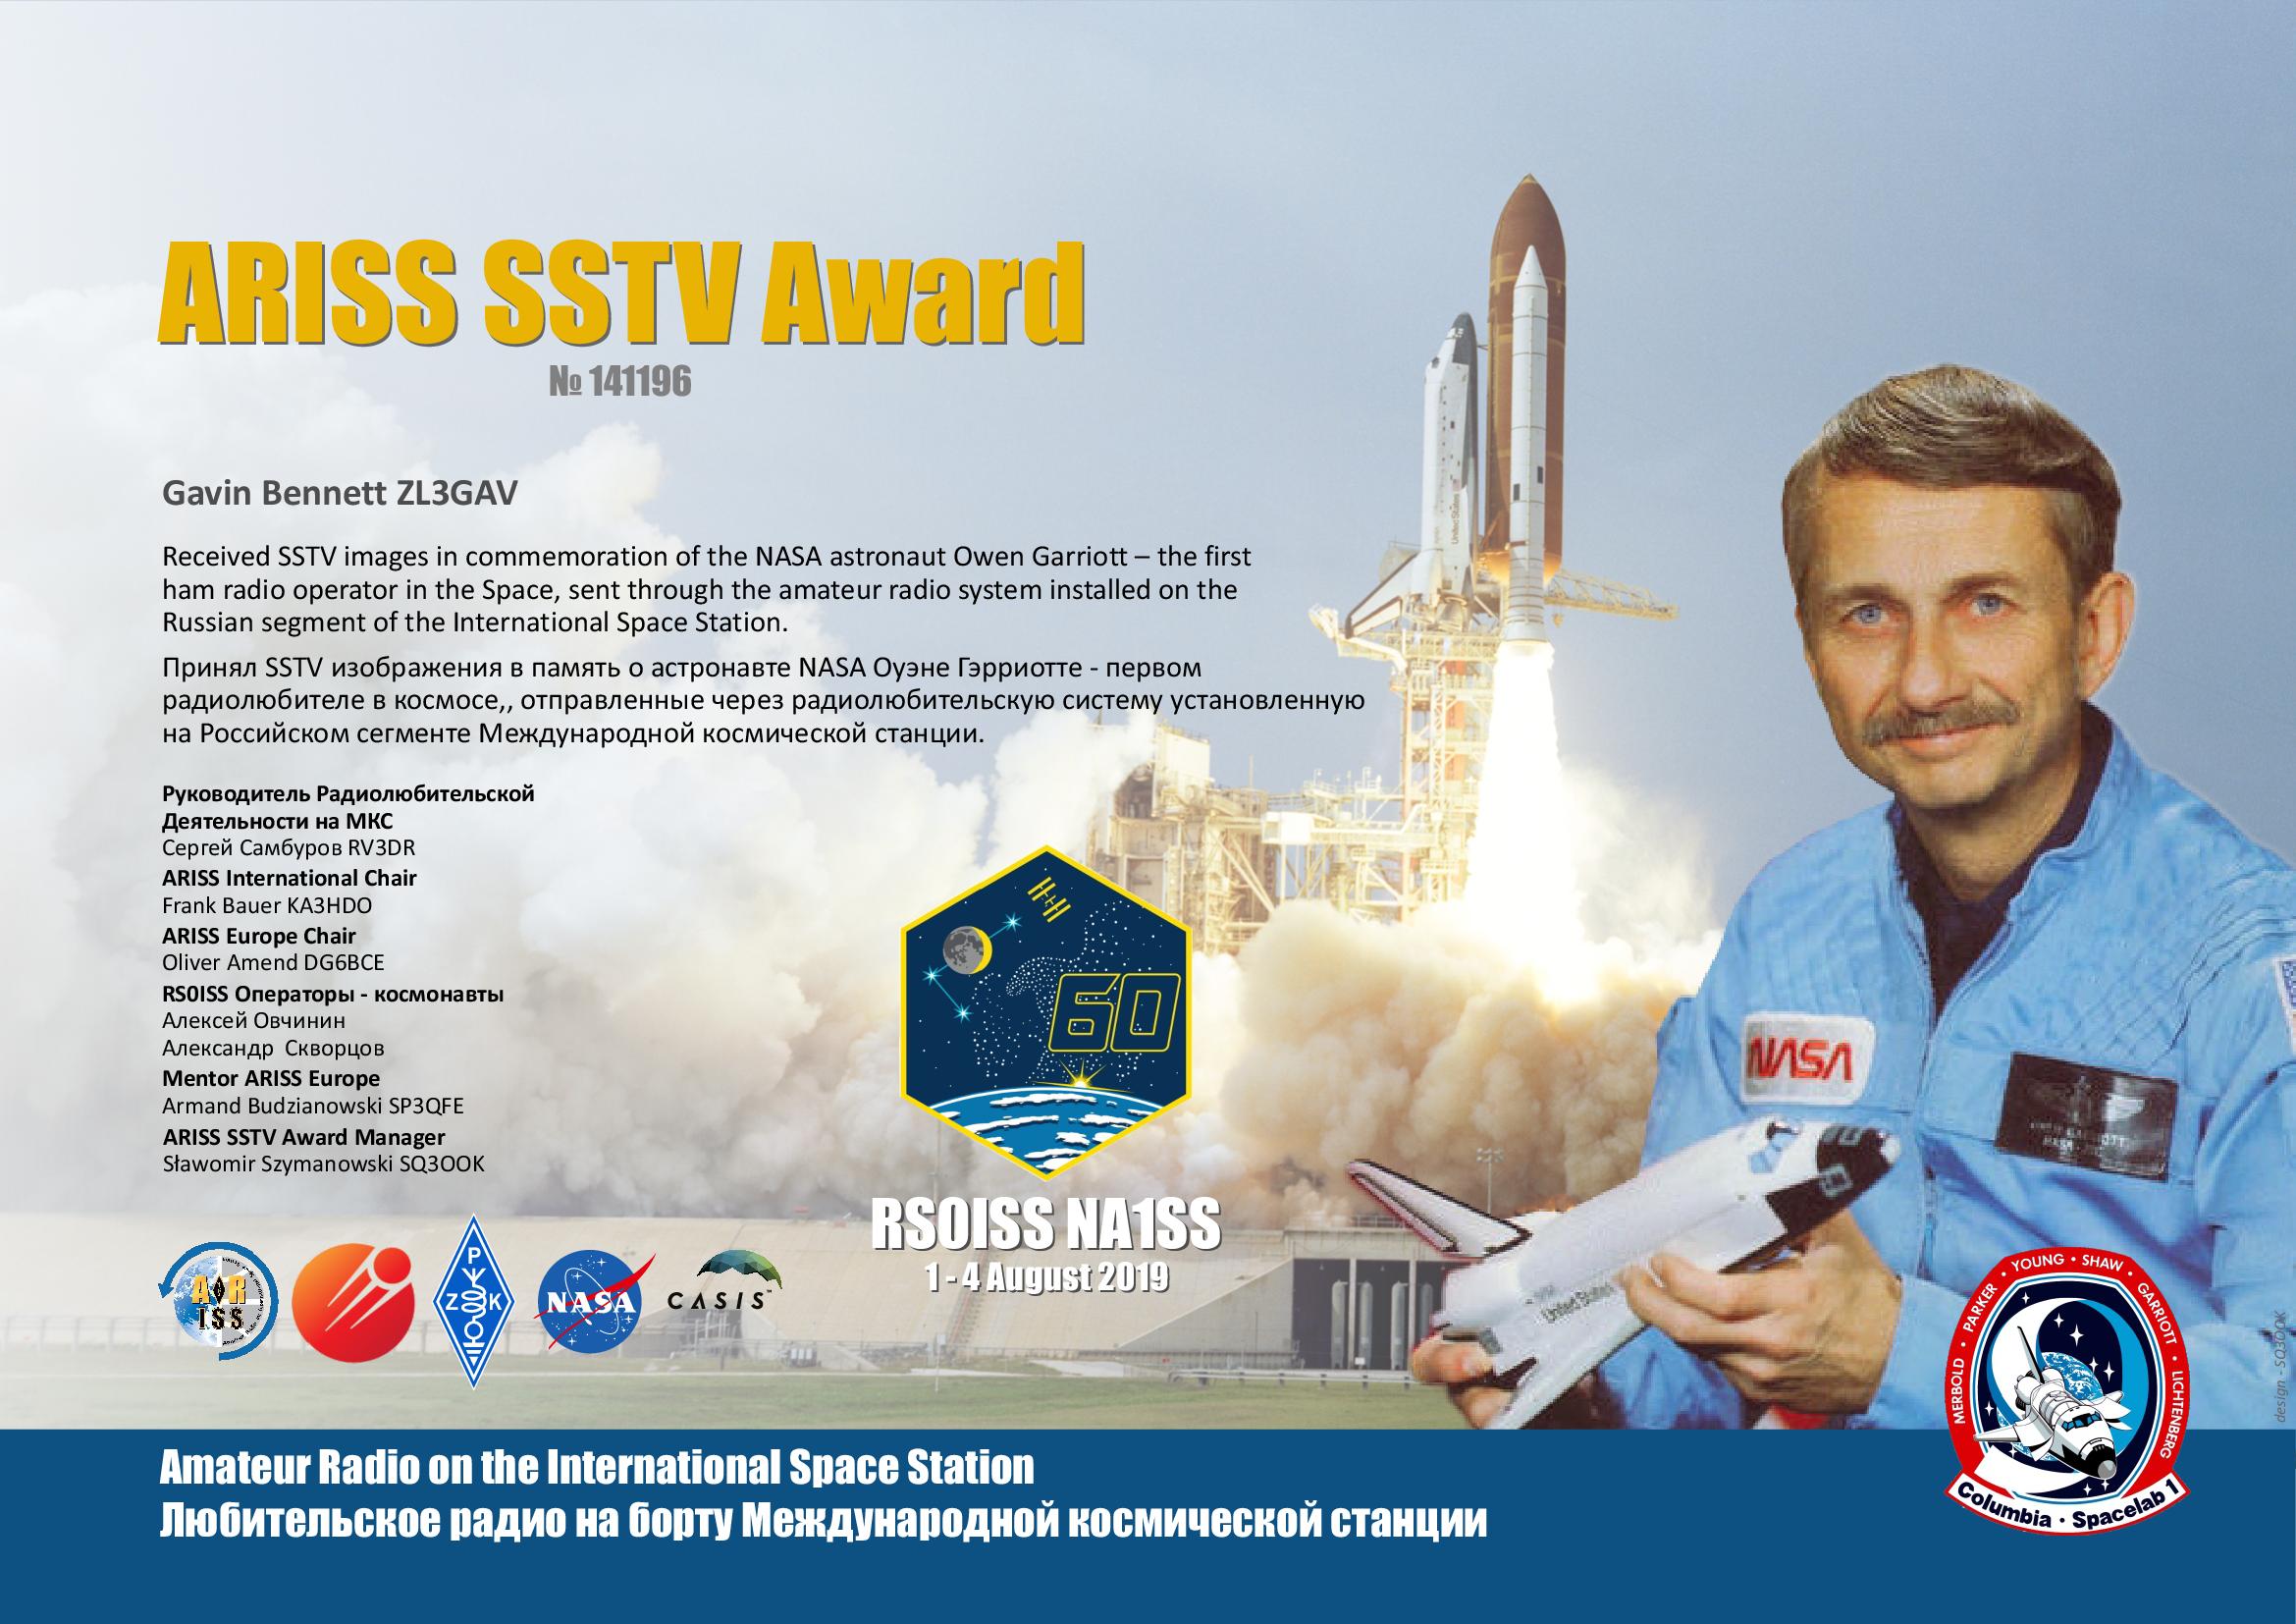 ARISS SSTV Award - August 2019